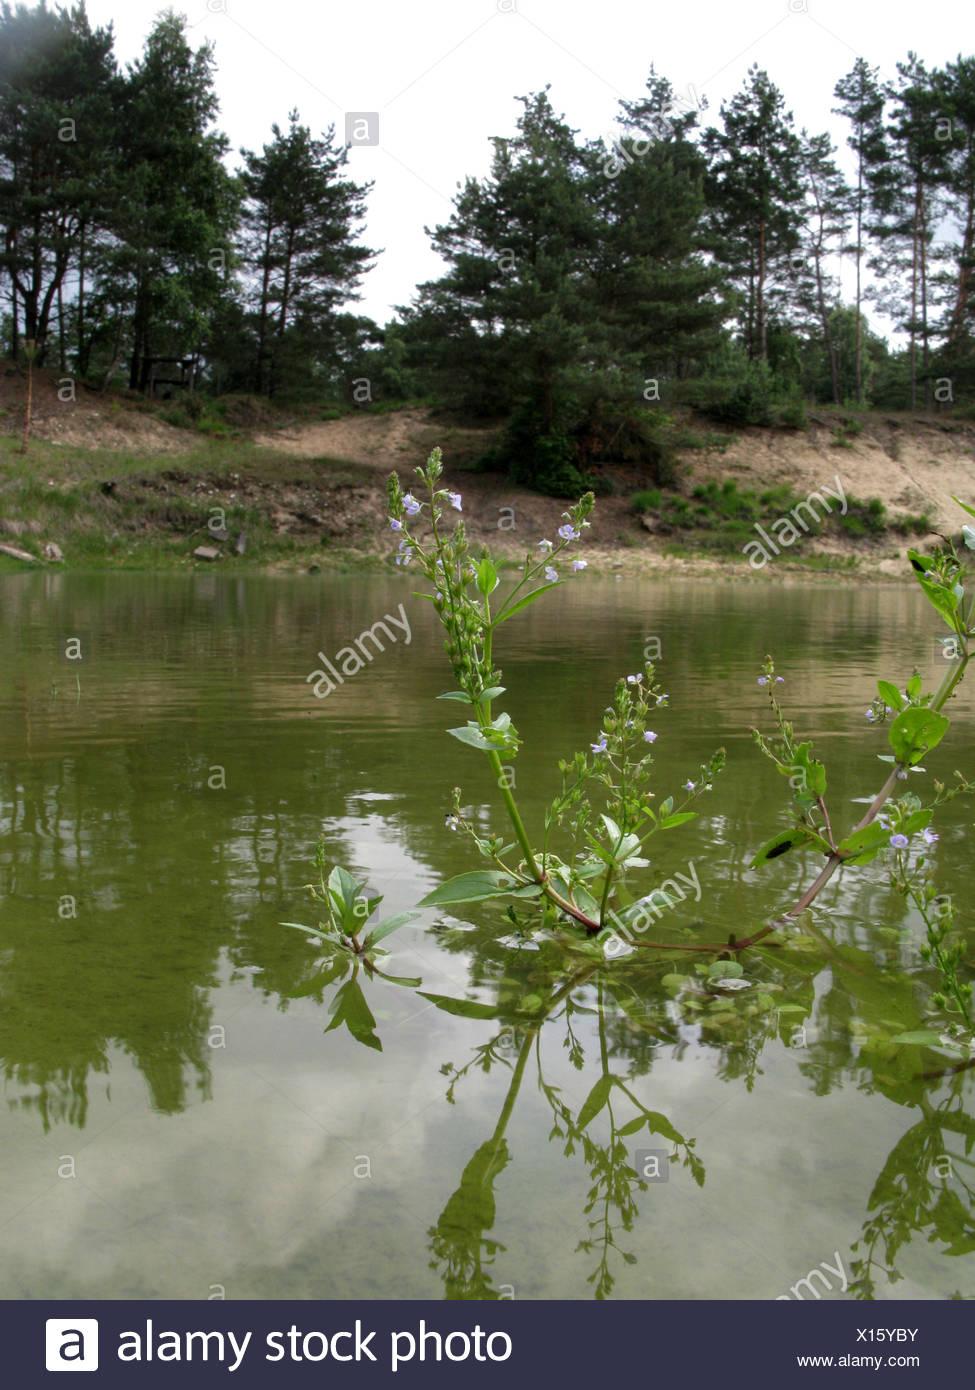 Véronique De l'eau, l'eau bleu-speedwell, brook-pimpernell (Veronica anagallis-aquatica), qui fleurit dans un étang, Allemagne, Rhénanie du Nord-Westphalie Photo Stock